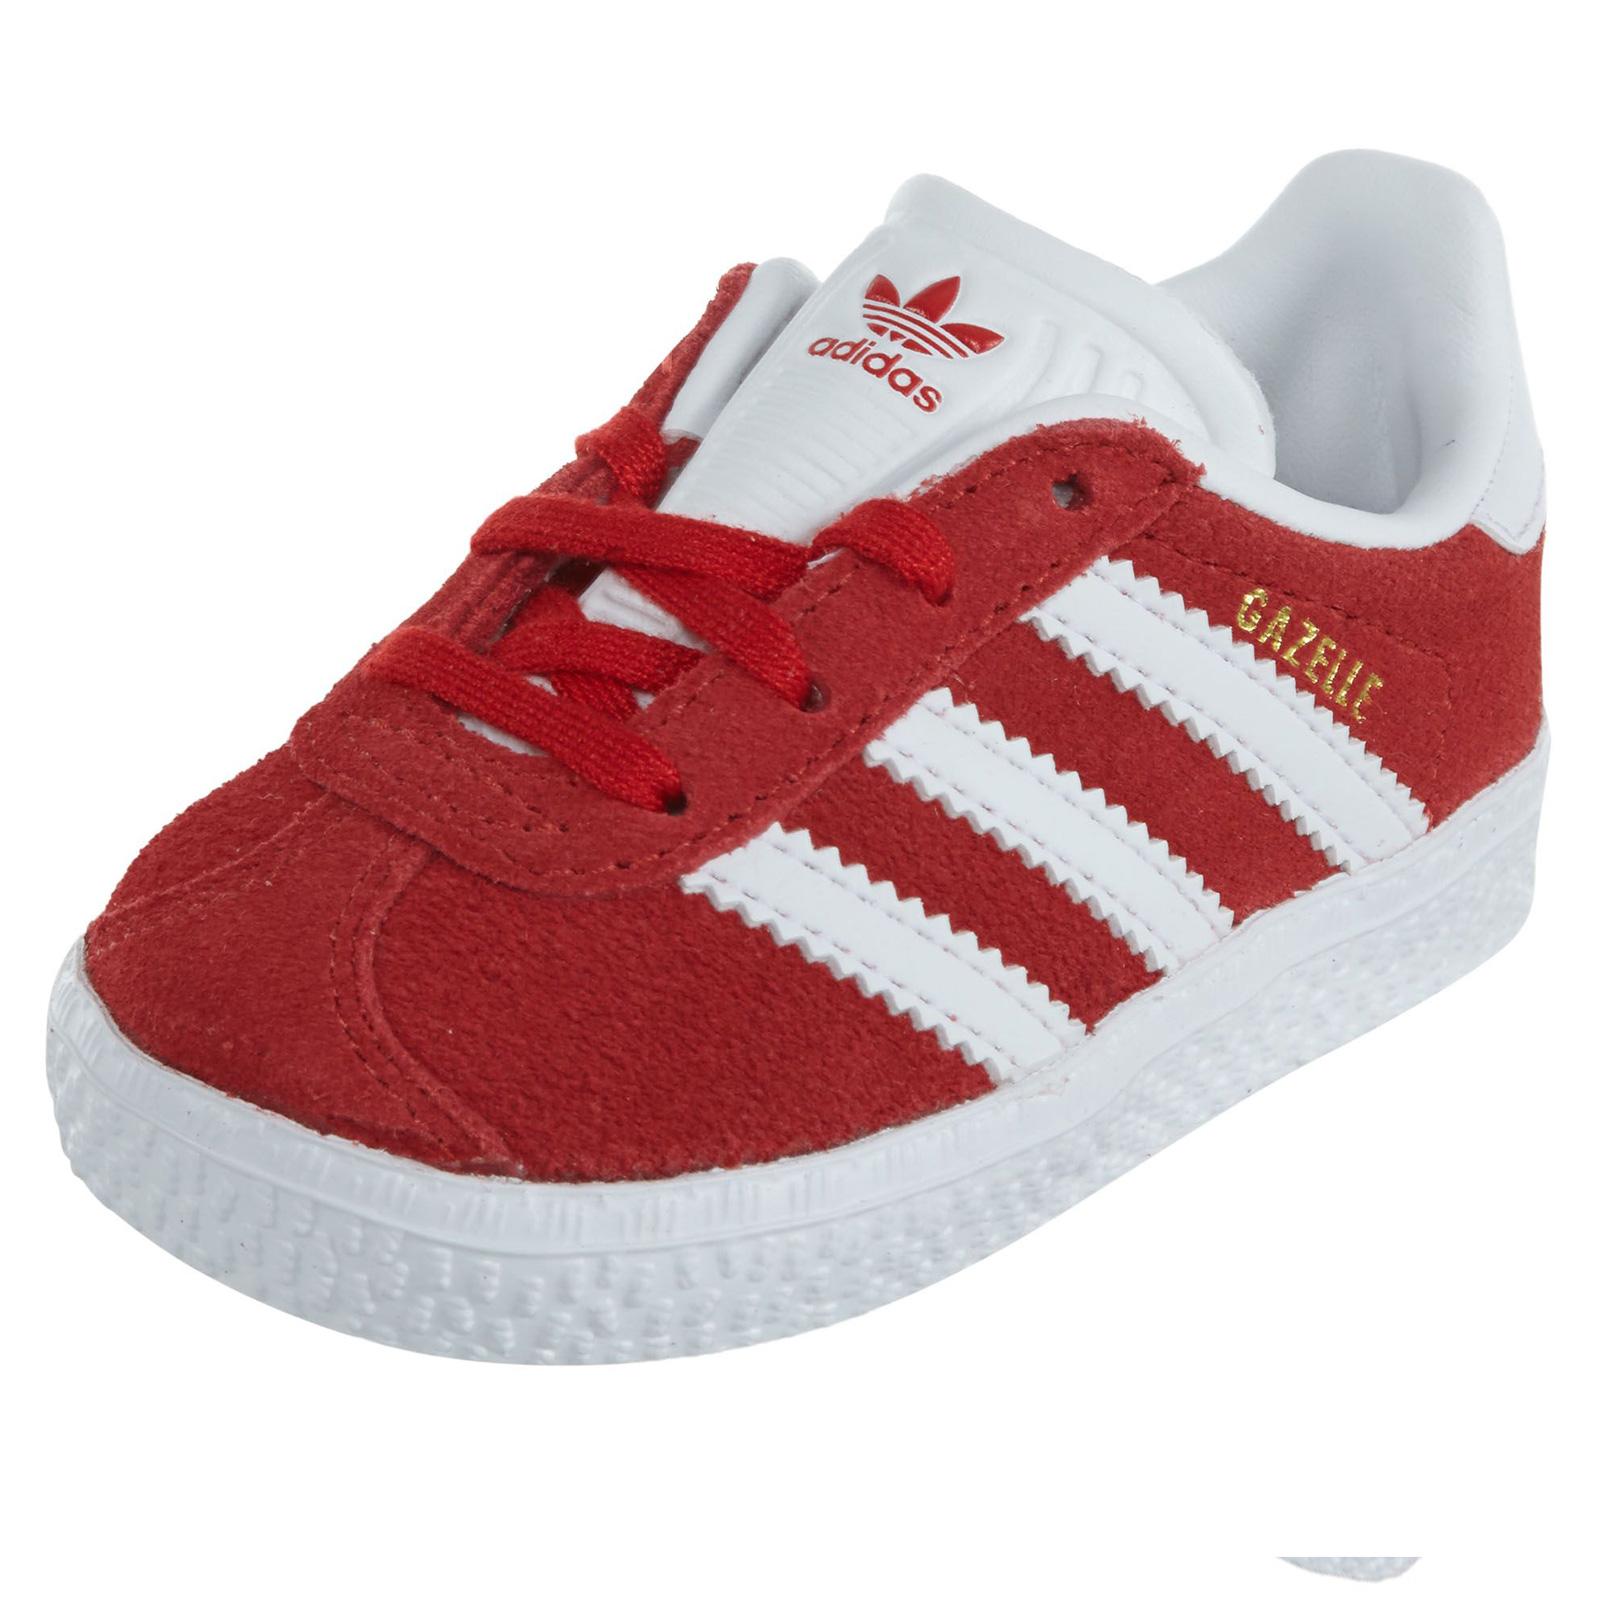 adidas damenschuhe, adidas Gazelle 2.0 CF Sneaker Kinder rot